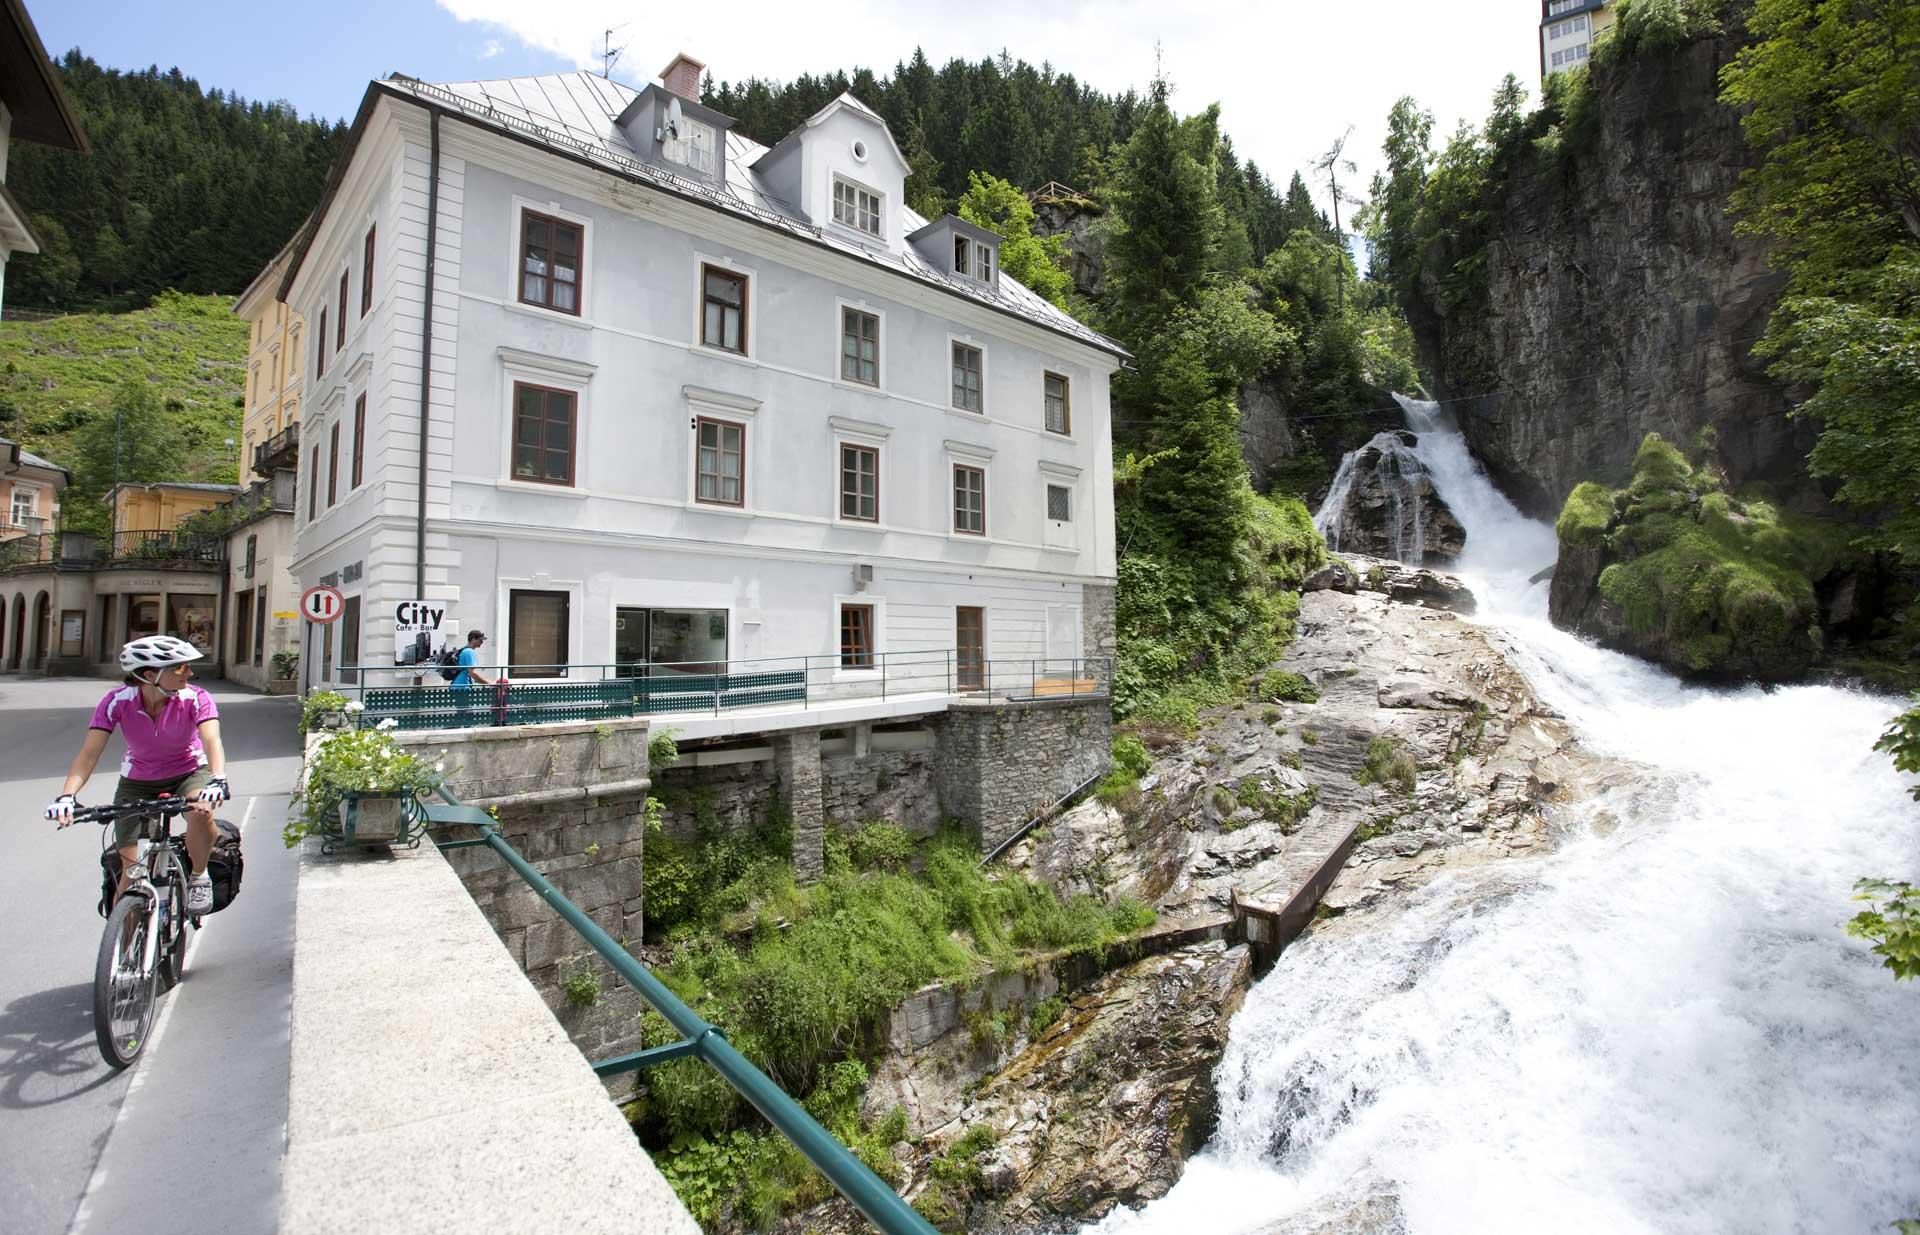 Alpe_Adria_Radweg_in_Bad_Gastein_Bruecke_ueber_Gasteiner_Wasserfall(c)SalzburgerLand-Daniel_Simon